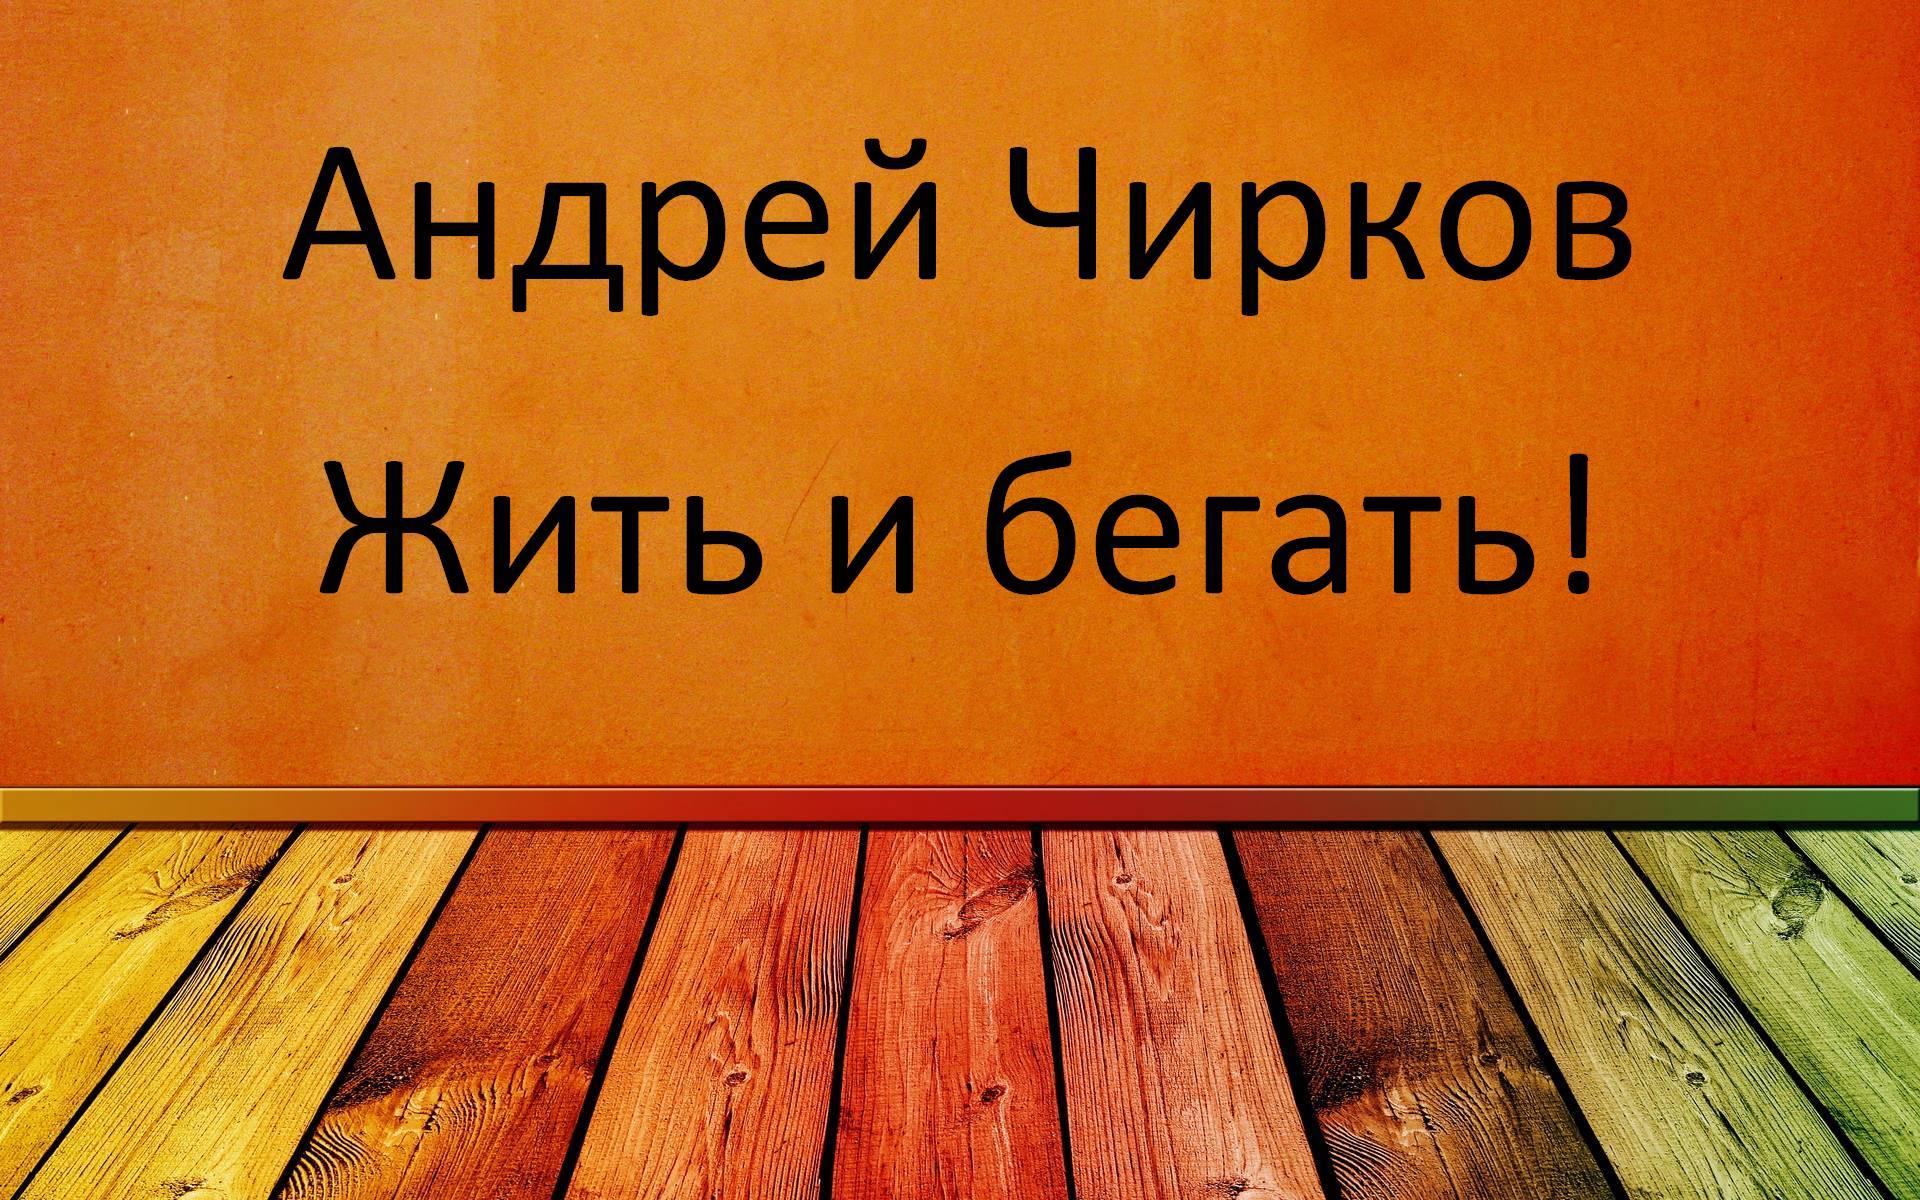 Андрей Чирков. Жить и бегать